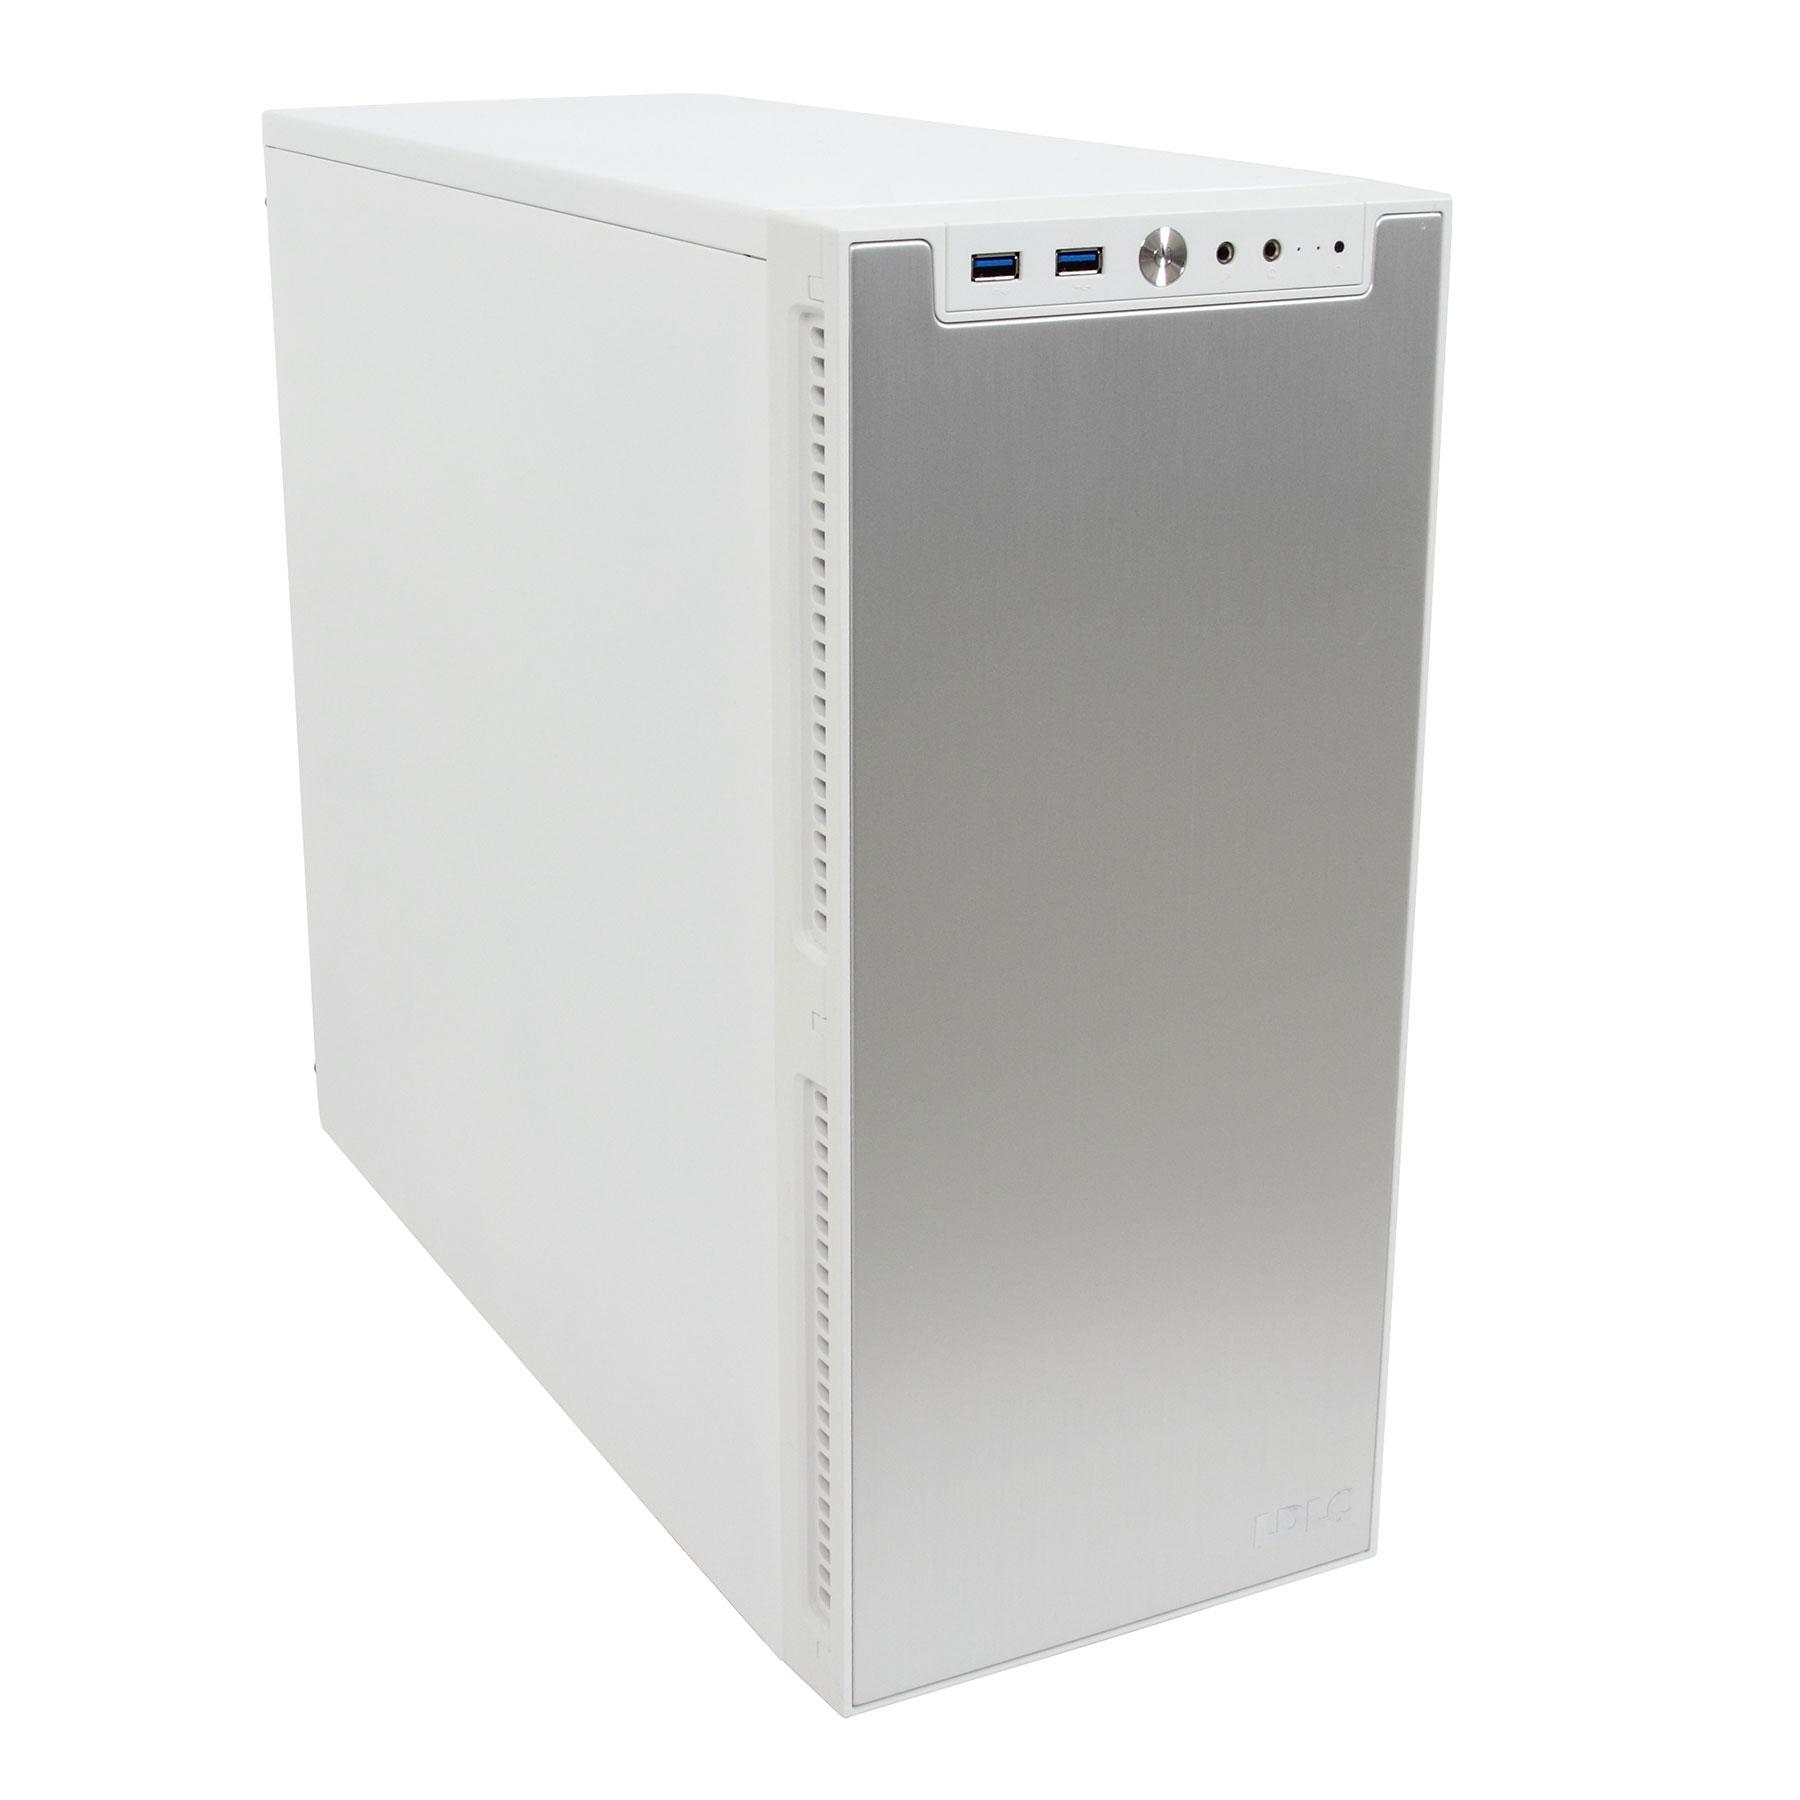 Ldlc Qt01 Blanc Bo 238 Tier Pc Ldlc Sur Ldlc